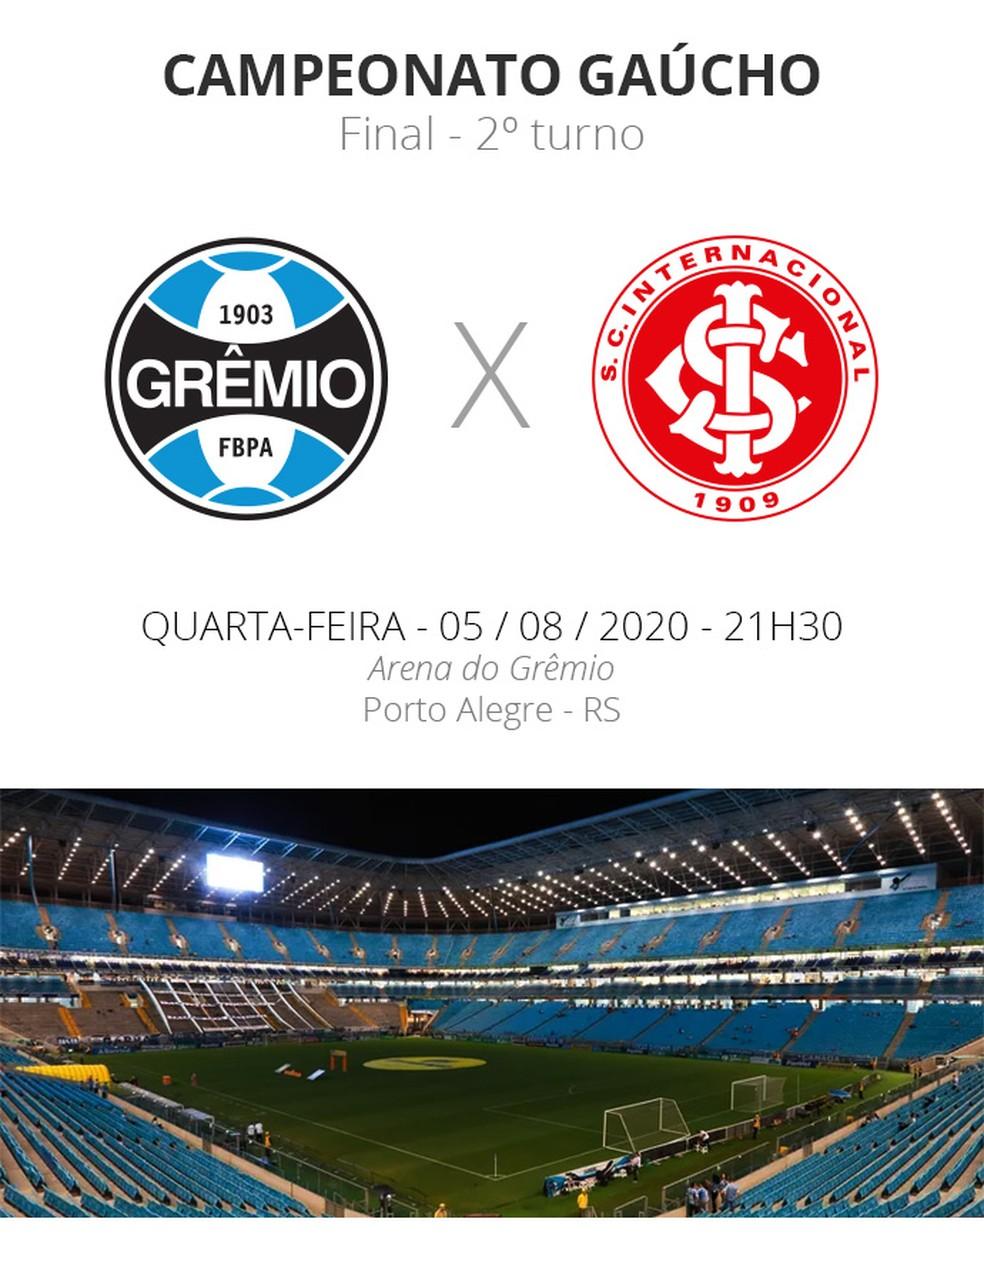 Gremio X Inter Veja Como Assistir Escalacoes Desfalques E Arbitragem Campeonato Gaucho Ge